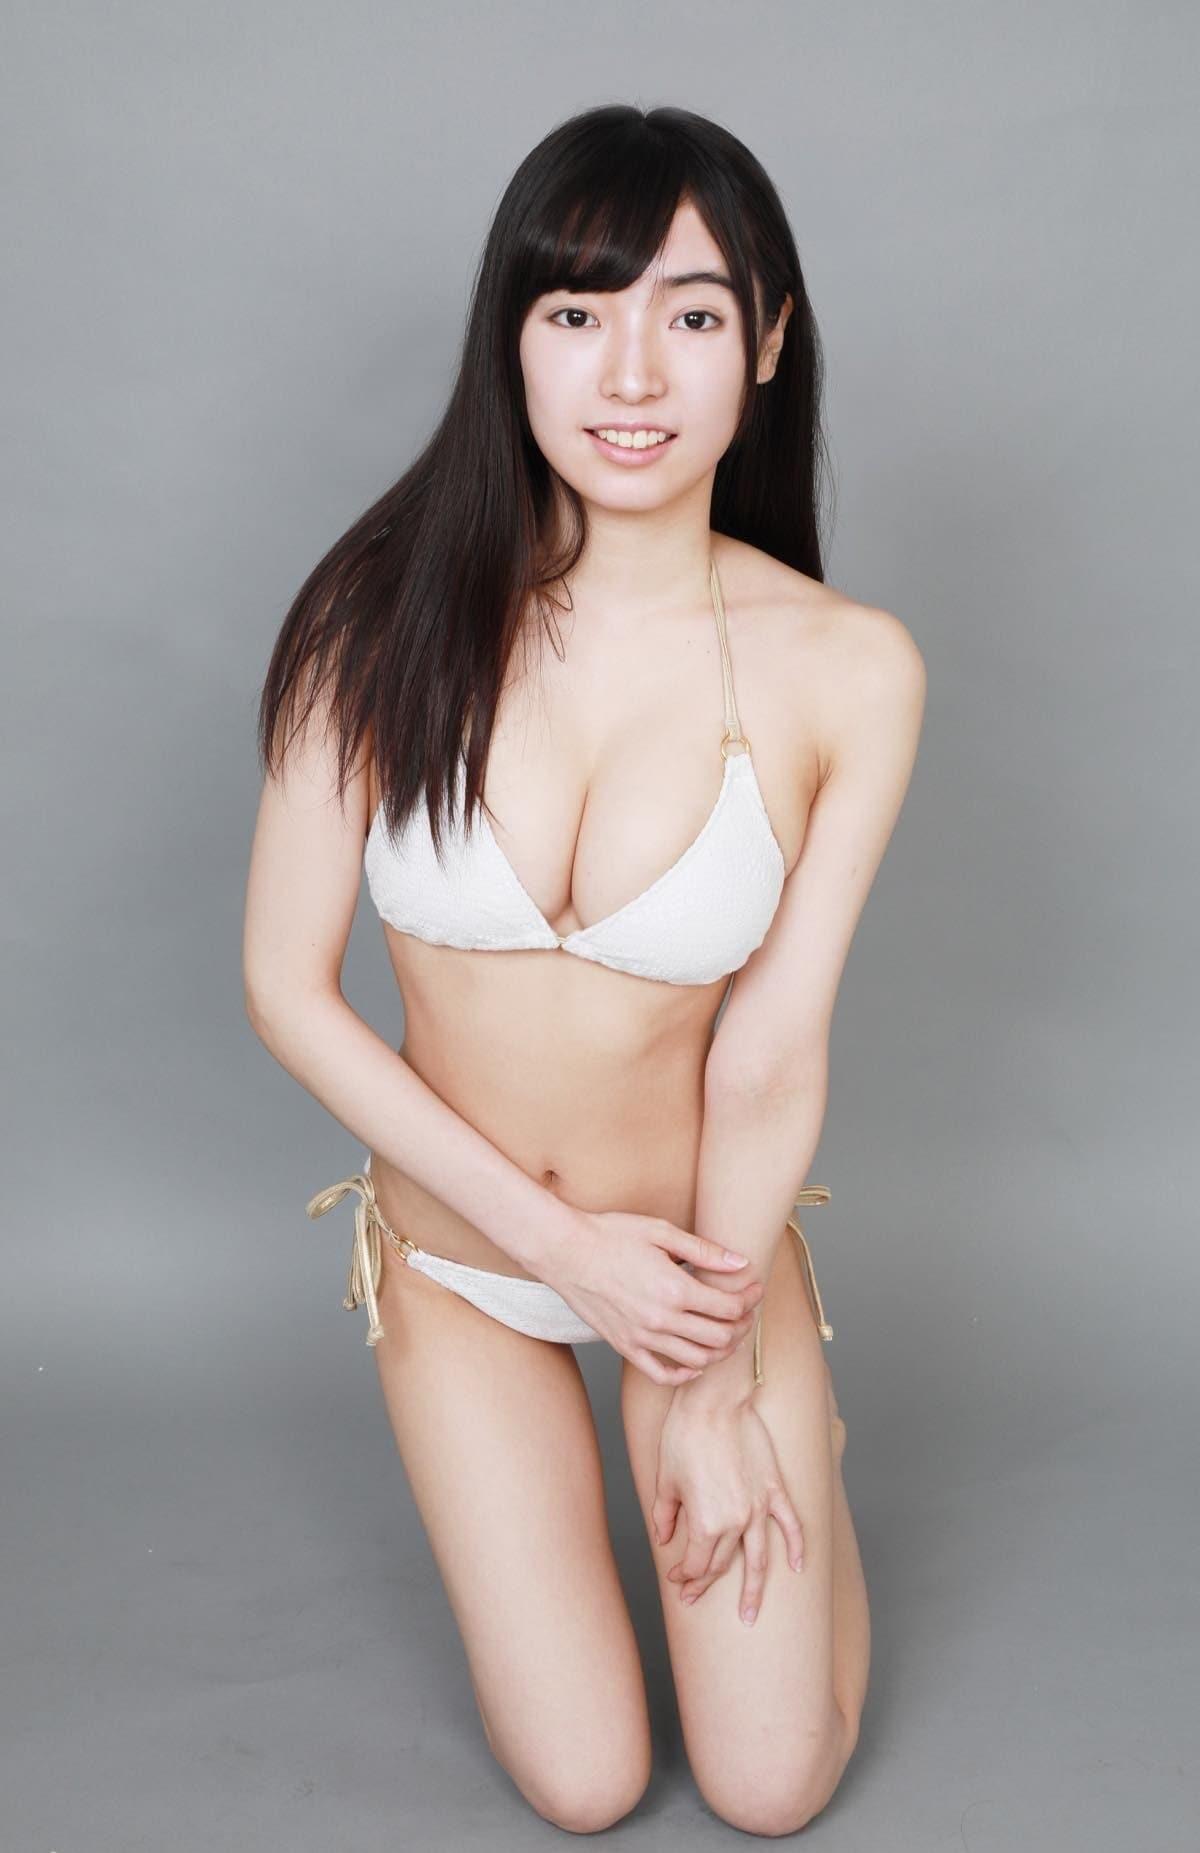 桜田愛音のグラビア水着ビキニ画像0033